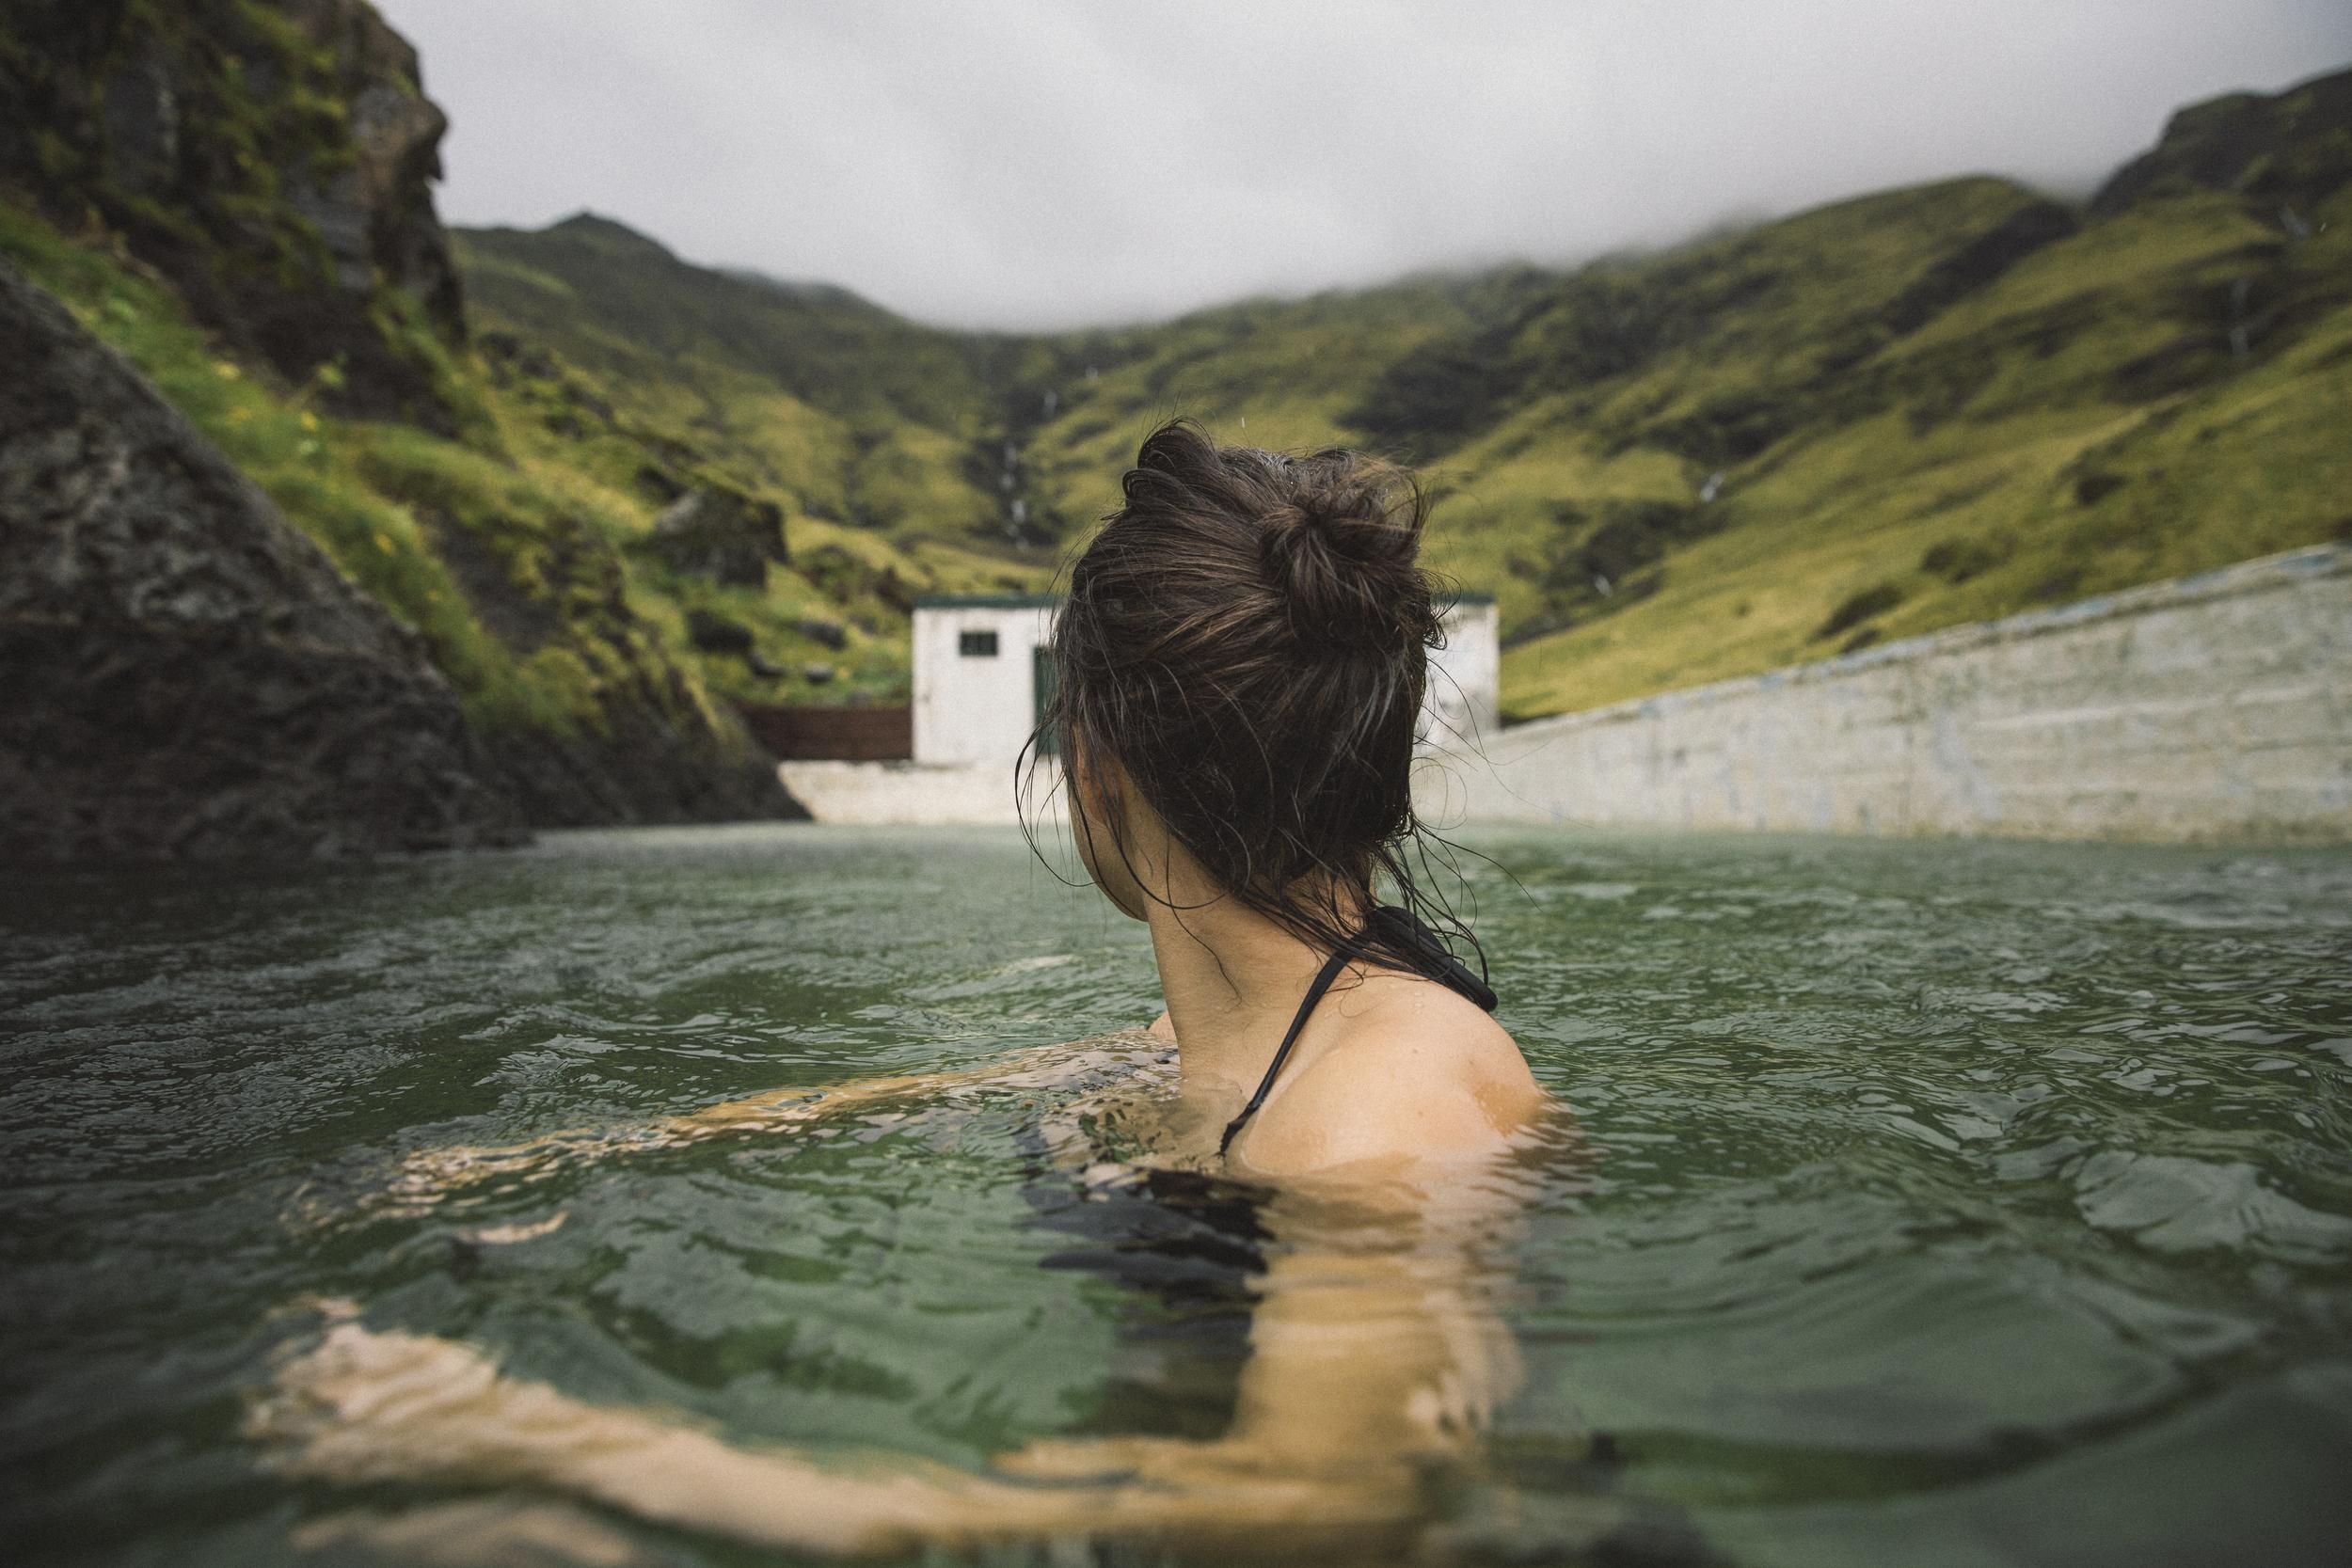 Danner_Kennett_Mohrman_Iceland_5.jpg